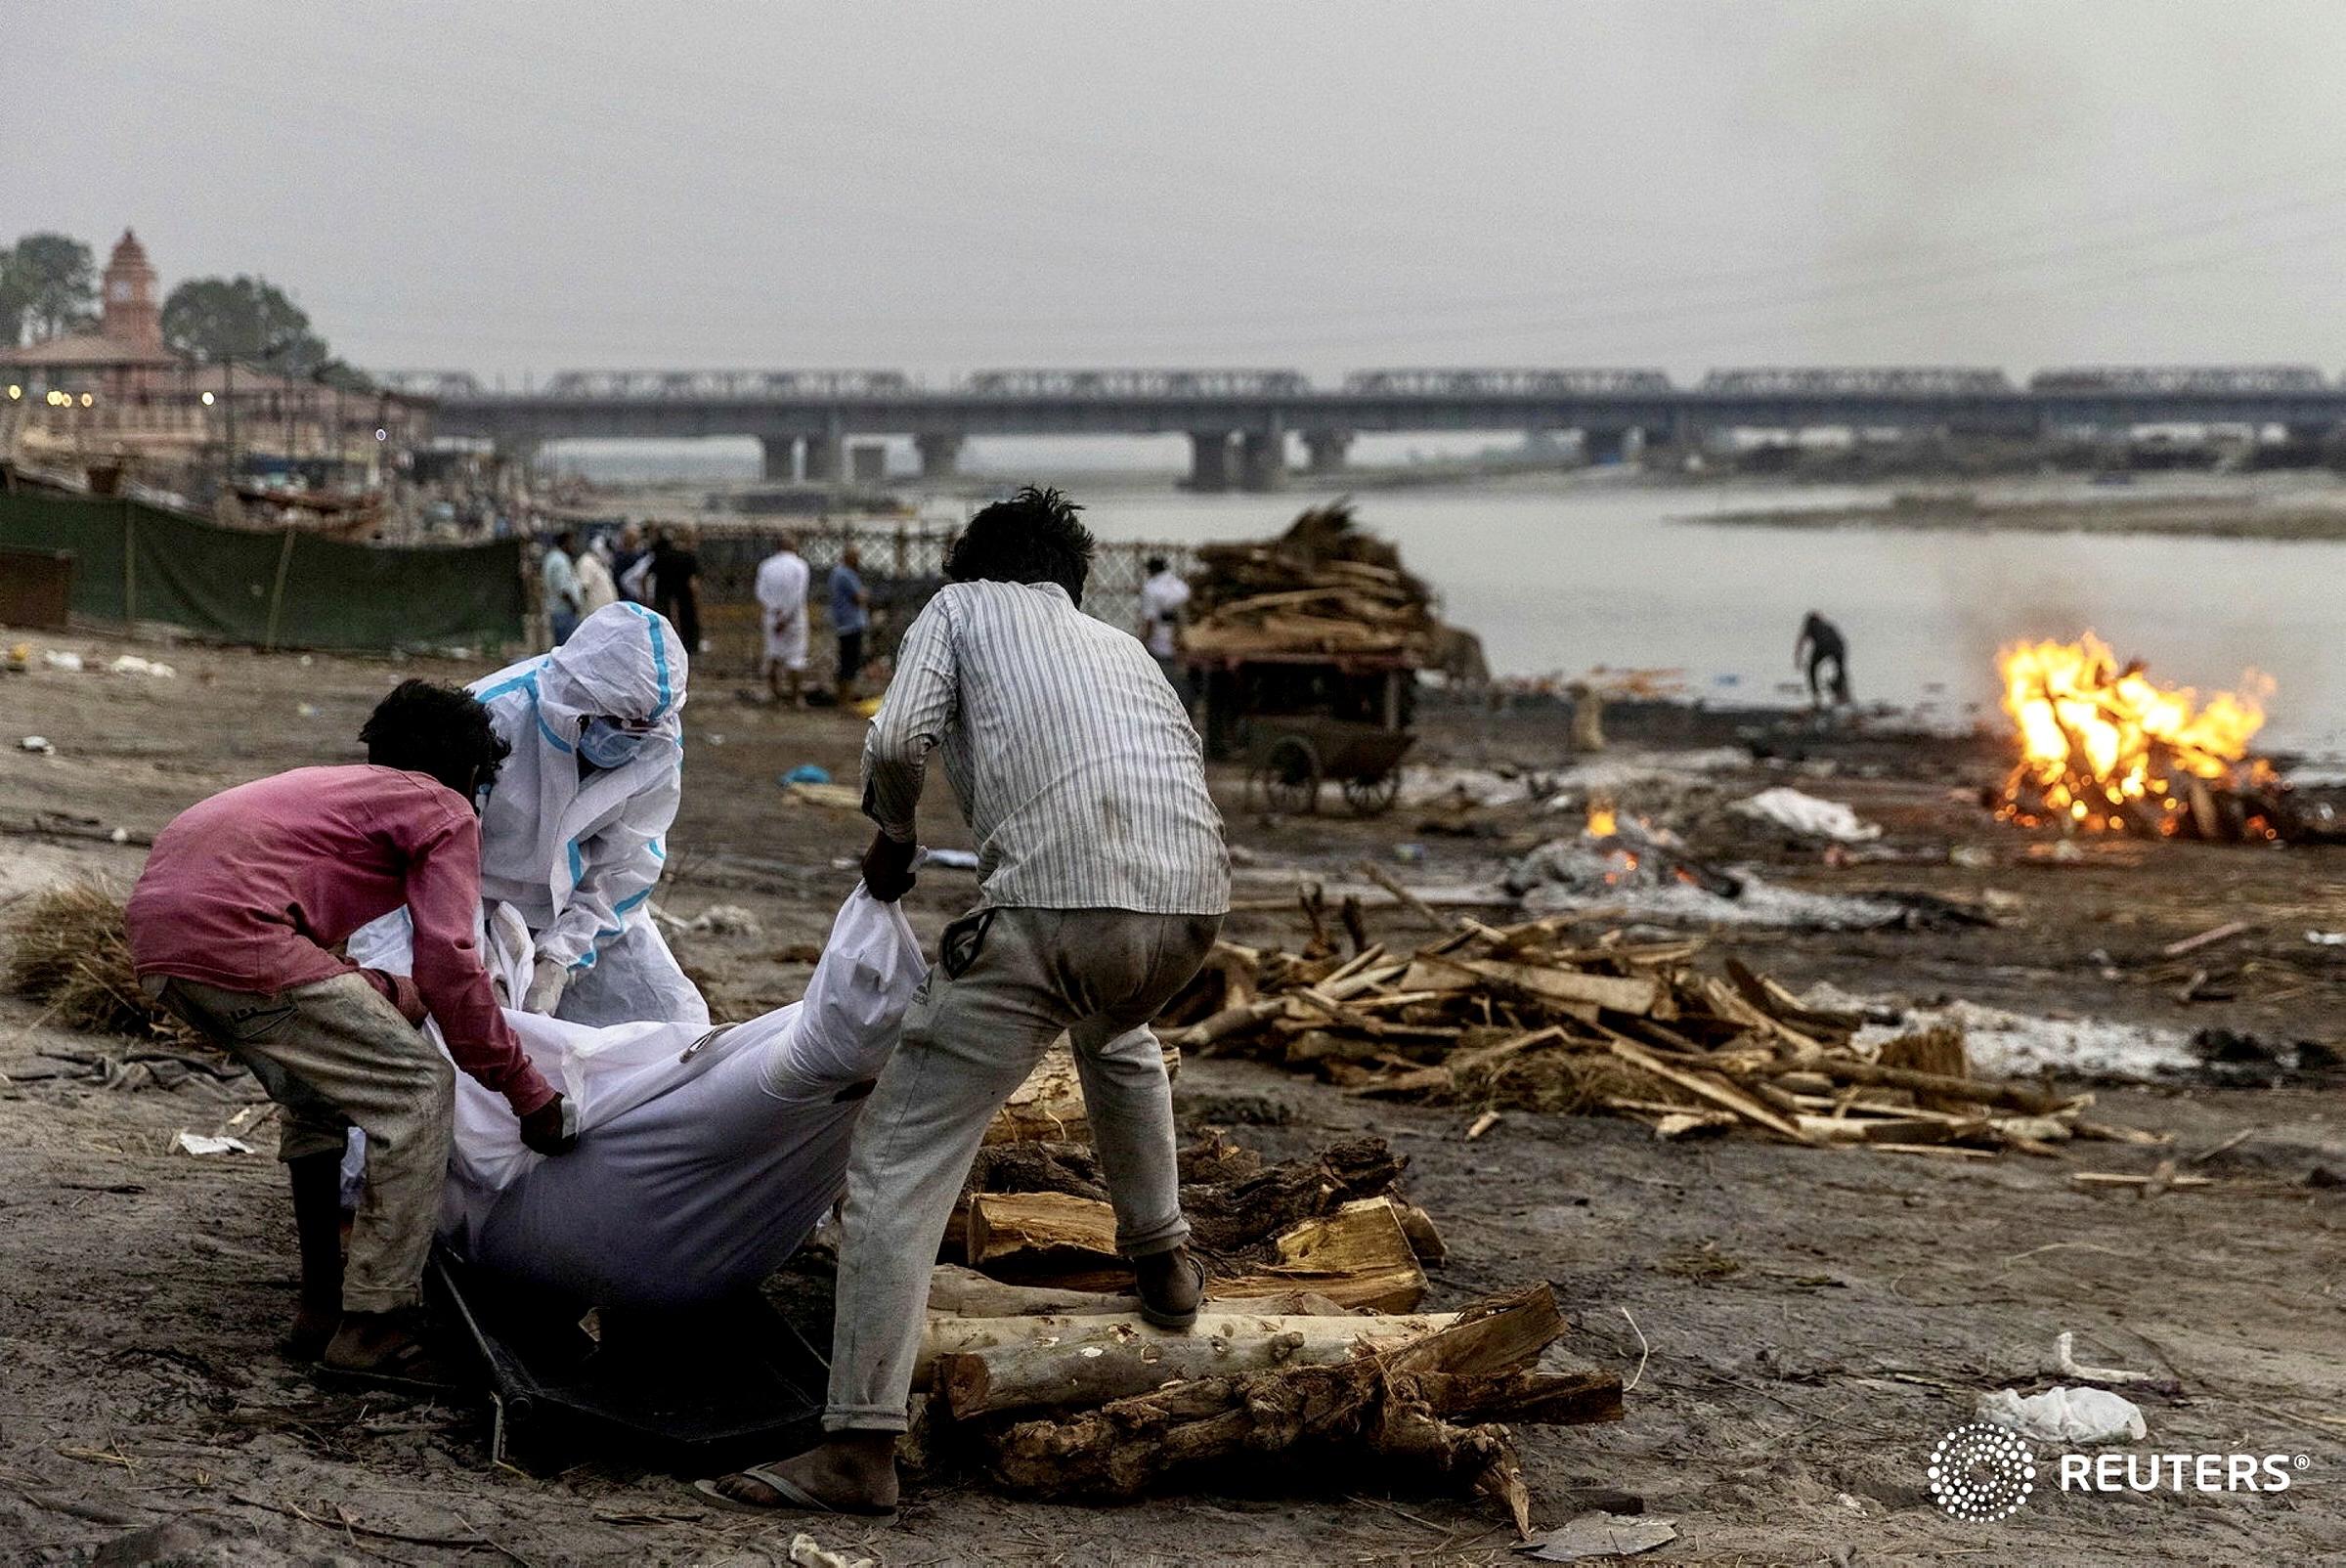 यह तस्वीर यूपी में गंगा नदी के किनारे की है। कोरोना की दूसरी लहर के दौरान जब दानिश की खींची ये तस्वीर सामने आई तो लोग भारत के भयावह हालात से वाकिफ हुए। (फोटो- रॉयटर्स)